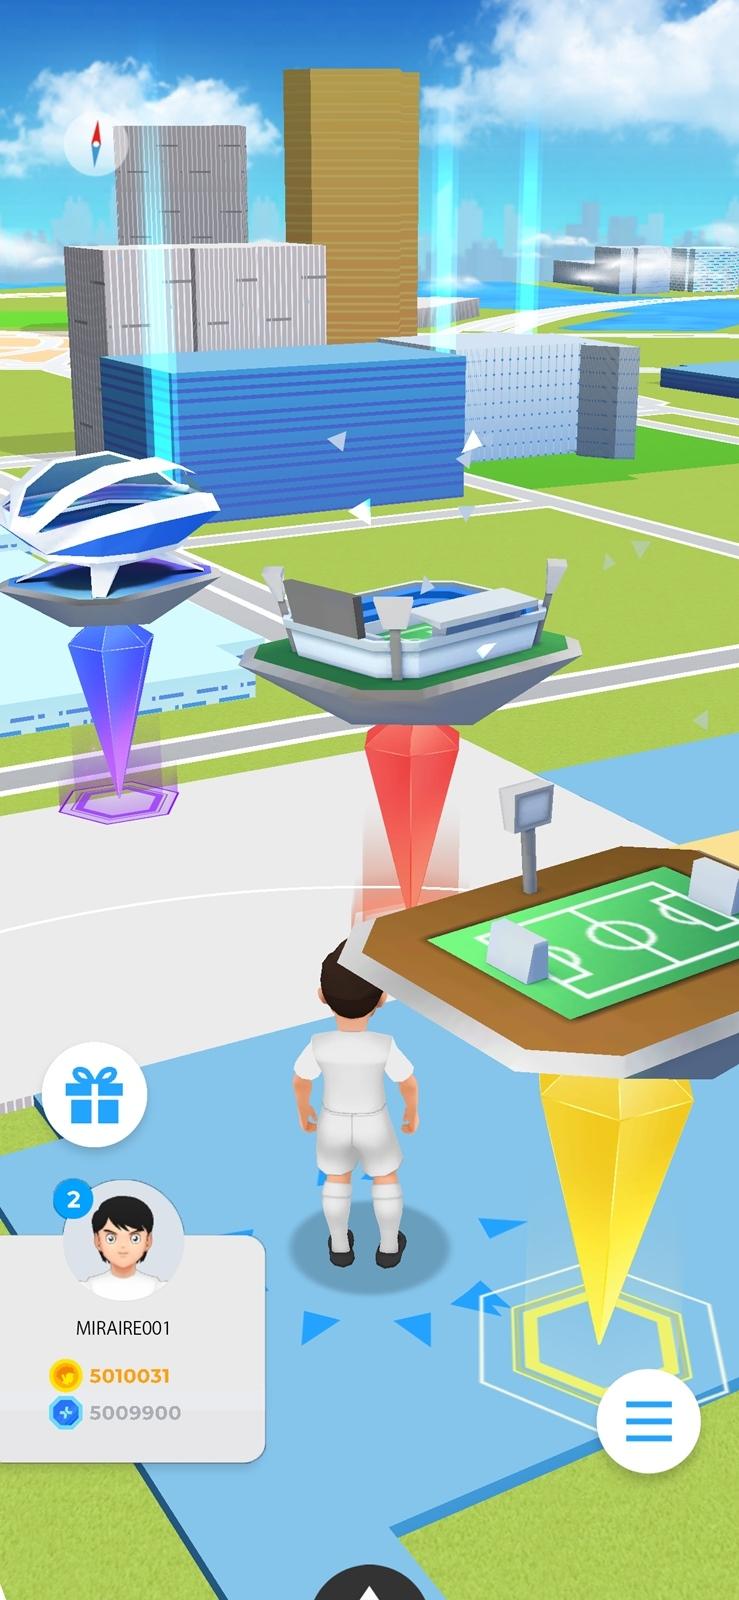 TSUBASA+のプレー画面 街中に点在する「スタジアム」へ実際に訪れて遊ぶ(出所:MIRAIRE)